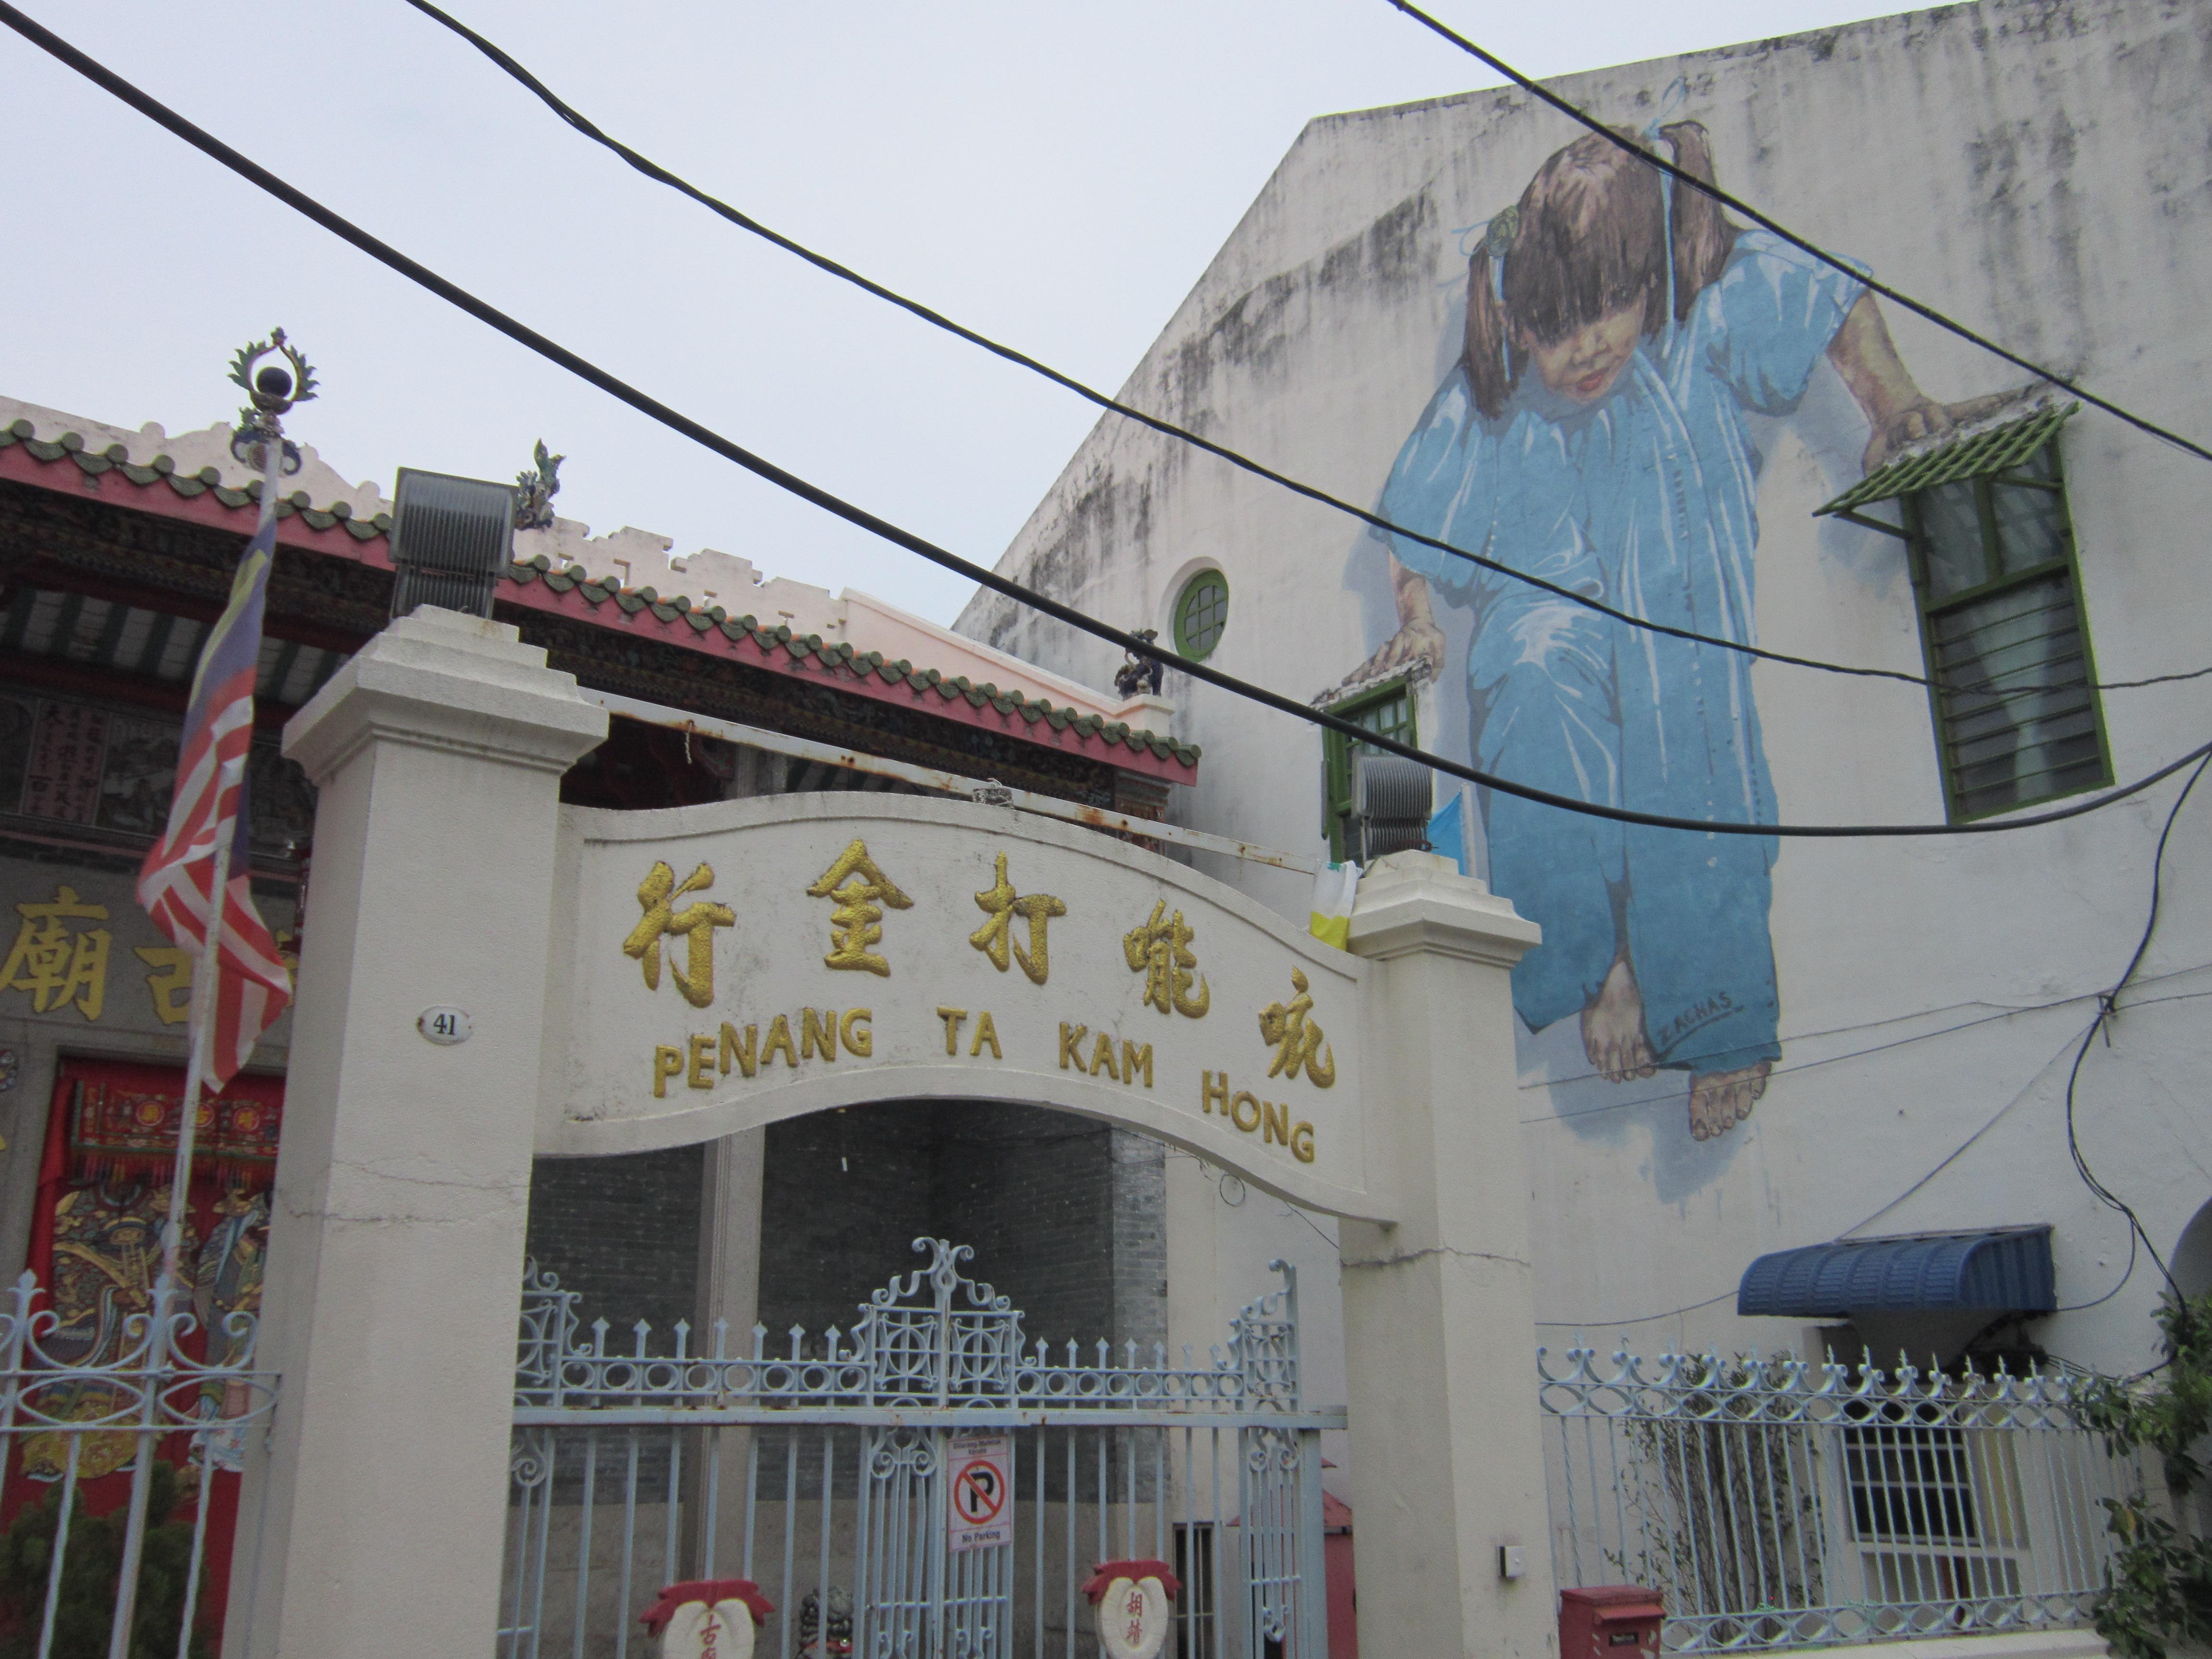 Penang Street Art Little Girl in Blue